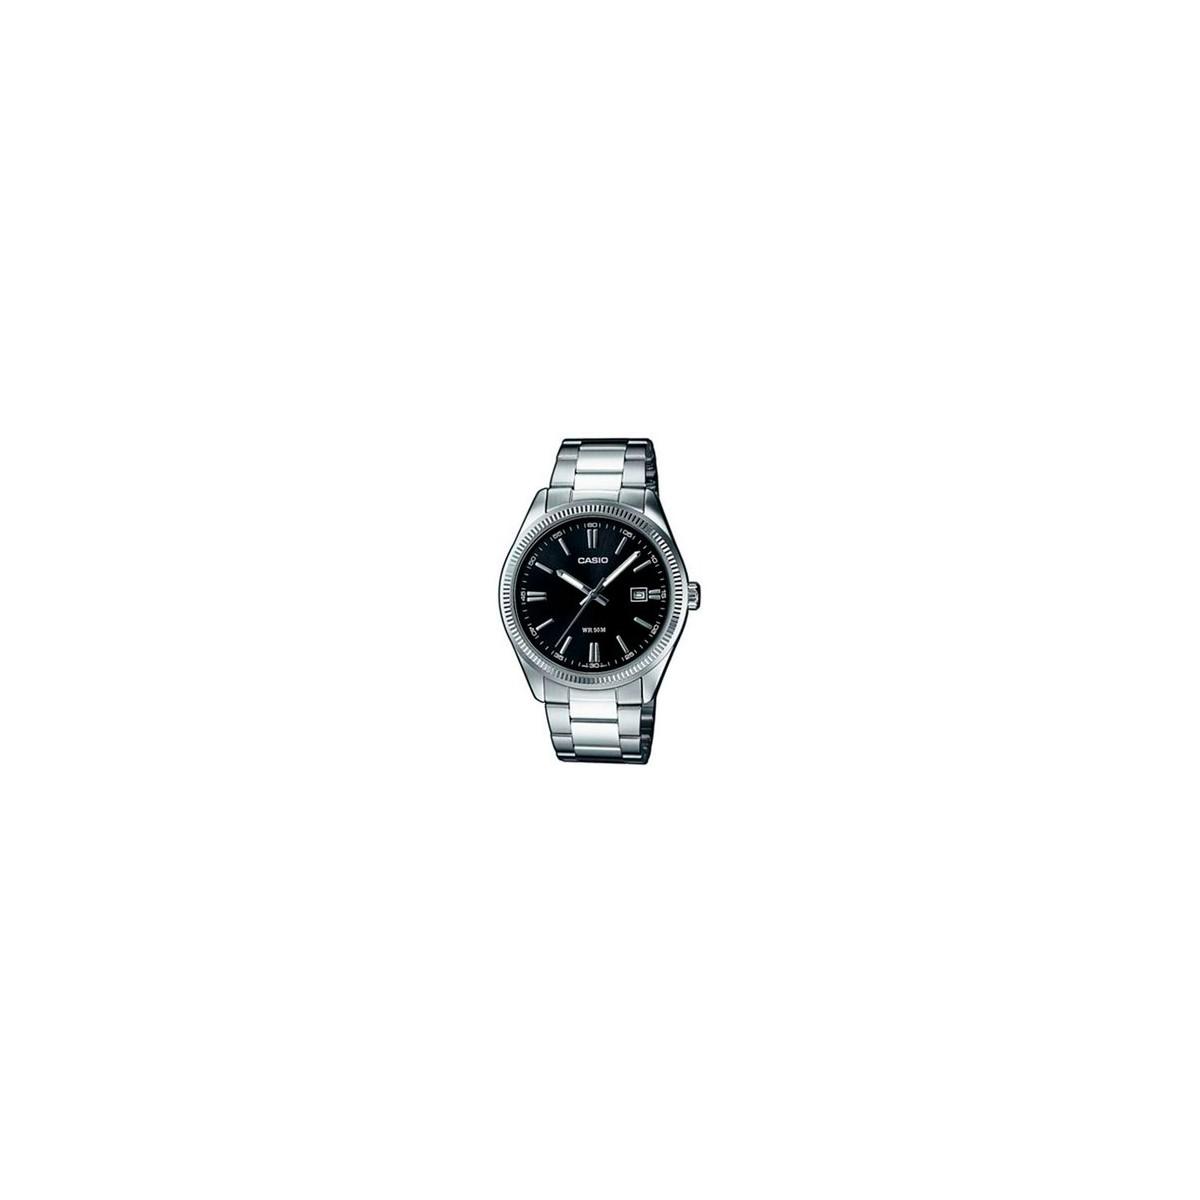 https://www.gaberjoyeria.com/5738-thickbox_default/reloj-casio.jpg